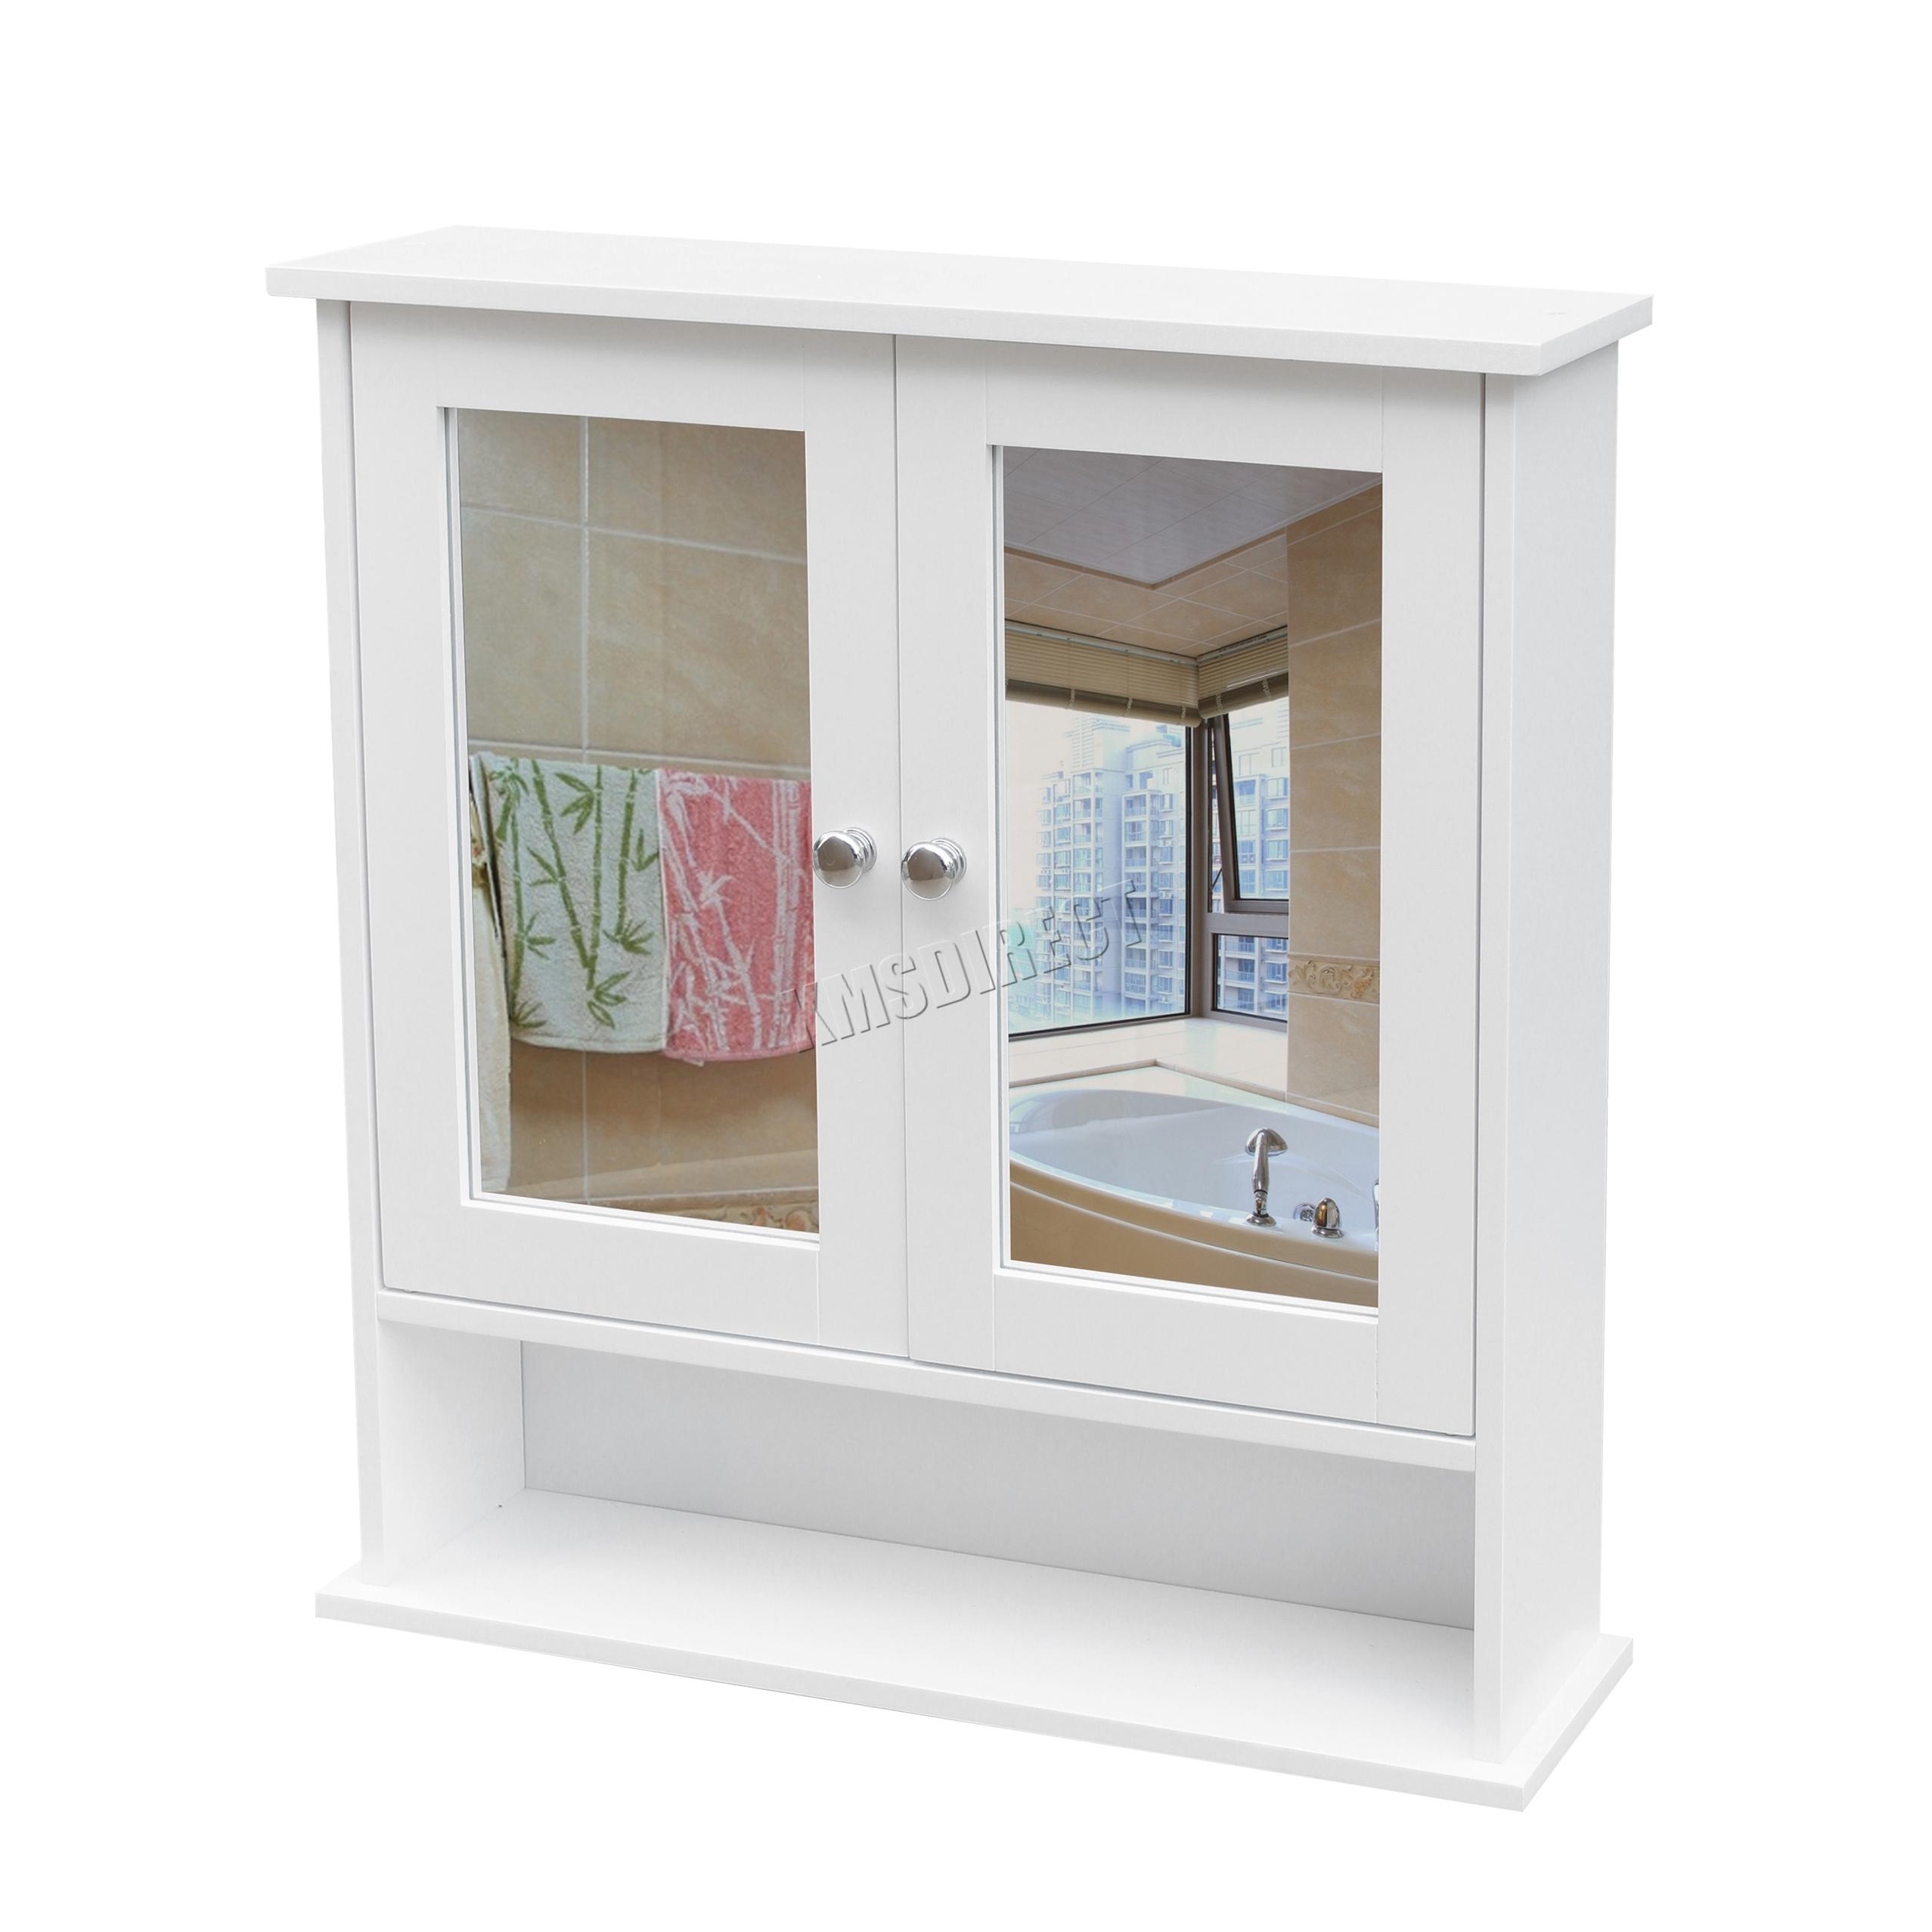 Foxhunter soporte de pared espejo gabinete de ba o unidad for Espejo con almacenaje